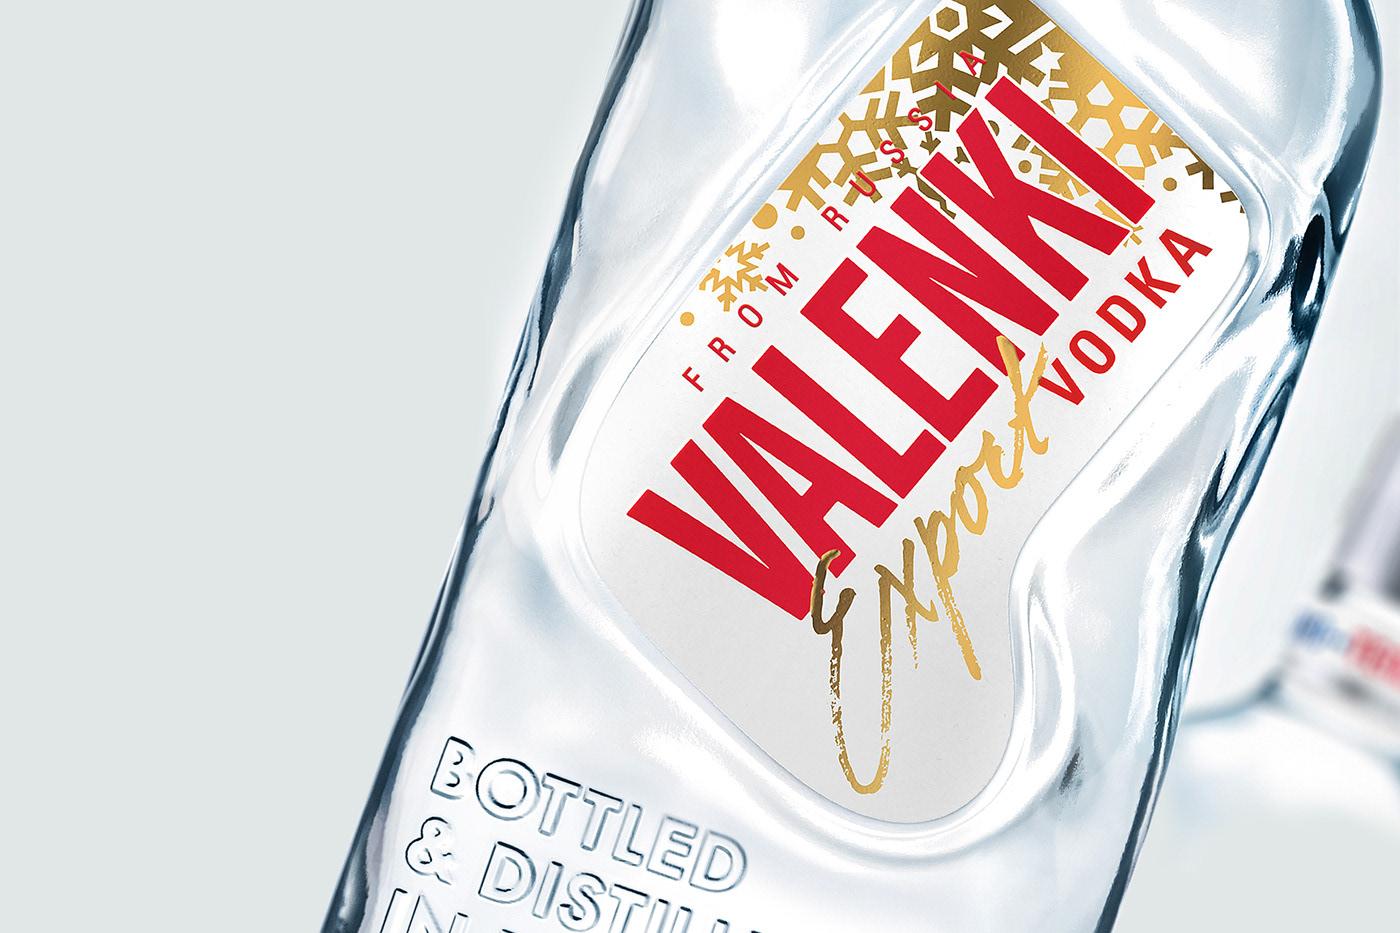 Valenki Vodka